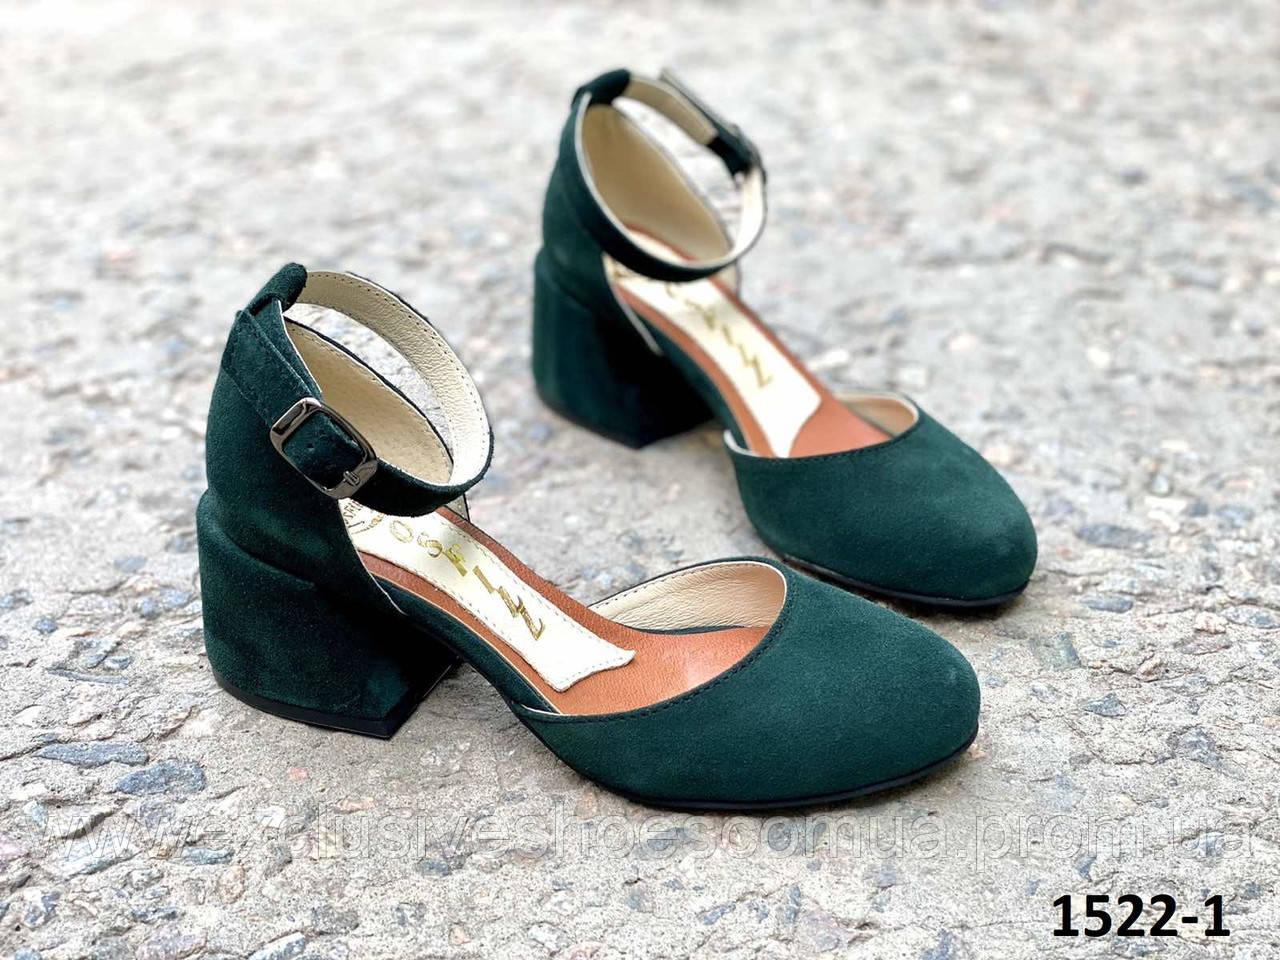 Туфли женские замшевые изумруд на каблуке